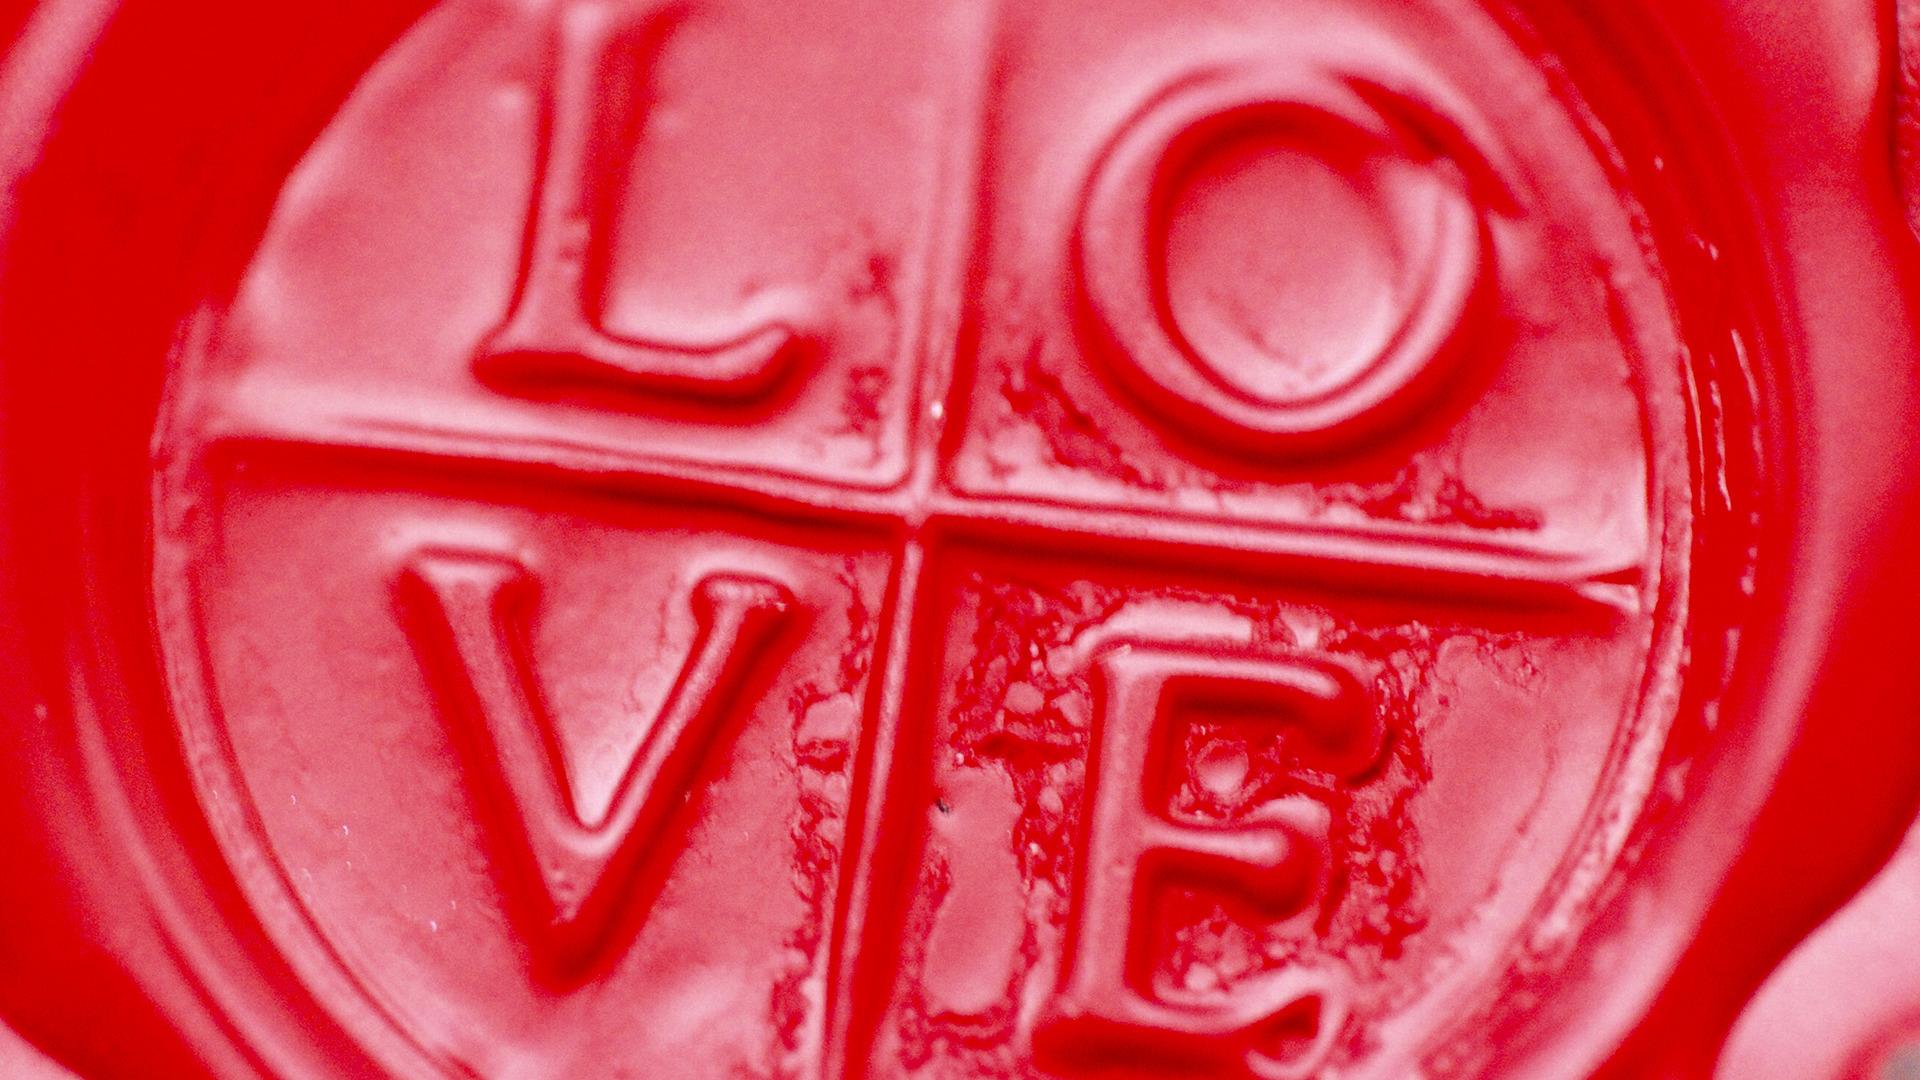 05 love endures passiton